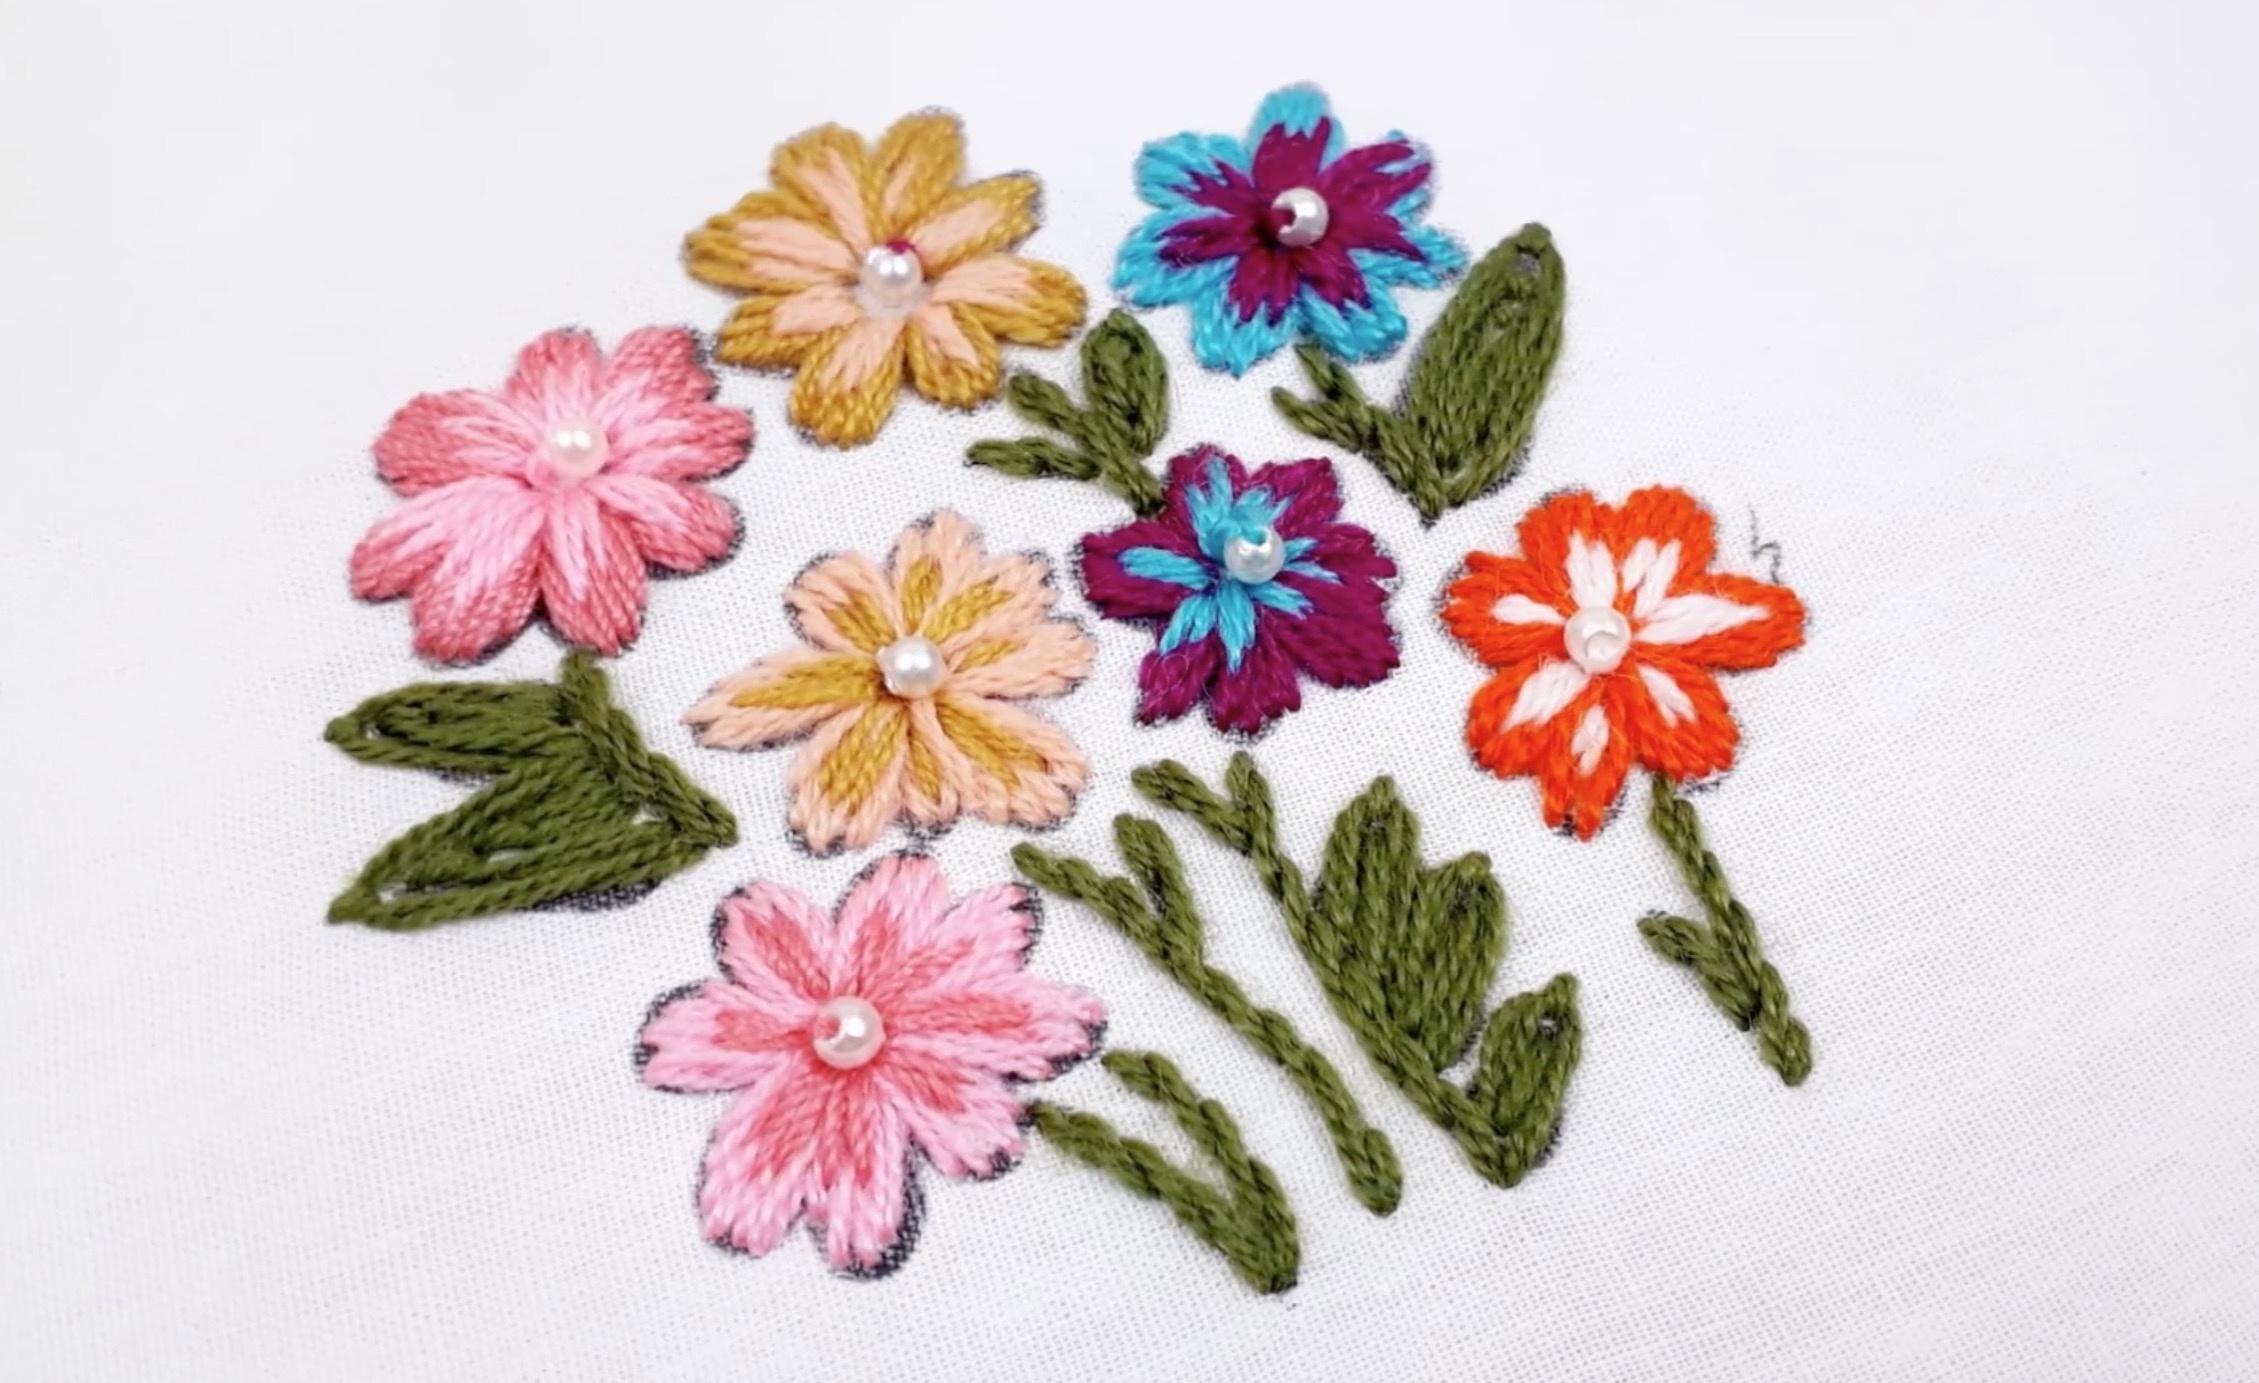 手工刺绣:以变形的茎绣绣出美丽的花朵